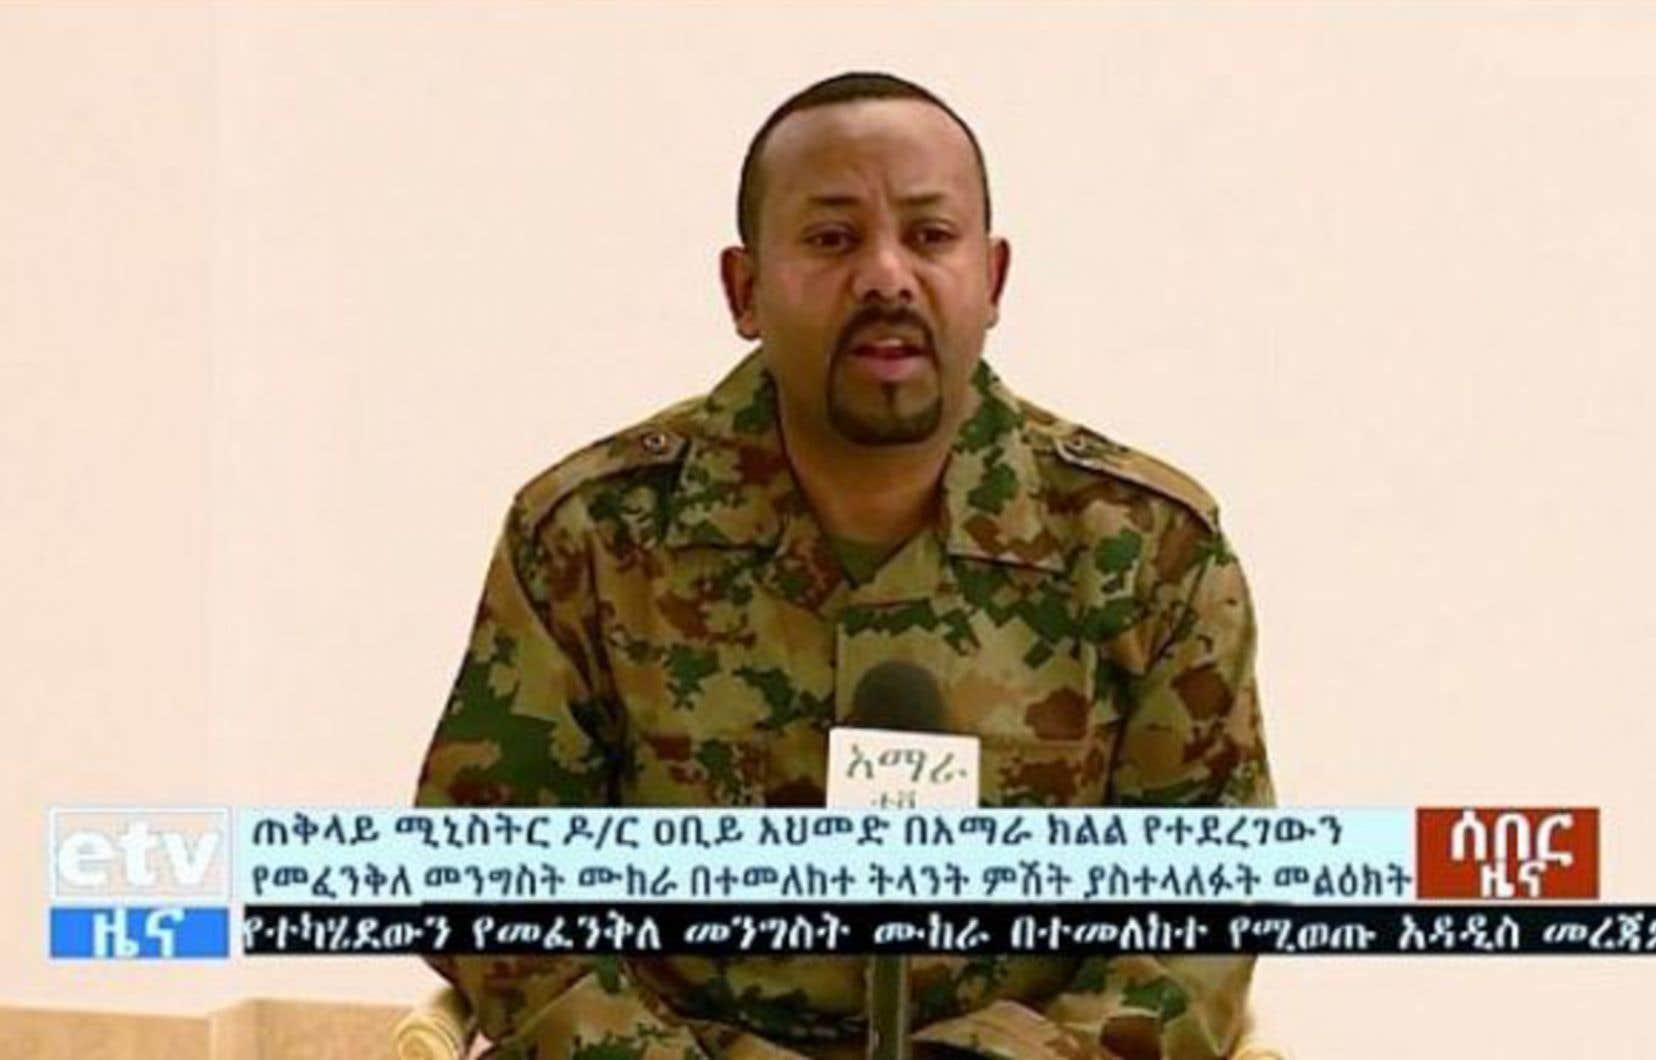 Le premier ministre éthiopien, Abiy Ahmed, s'est adressé à la nation à la suite de l'échec d'une tentative de «coup d'État» orchestrée par le chef de l'armée.